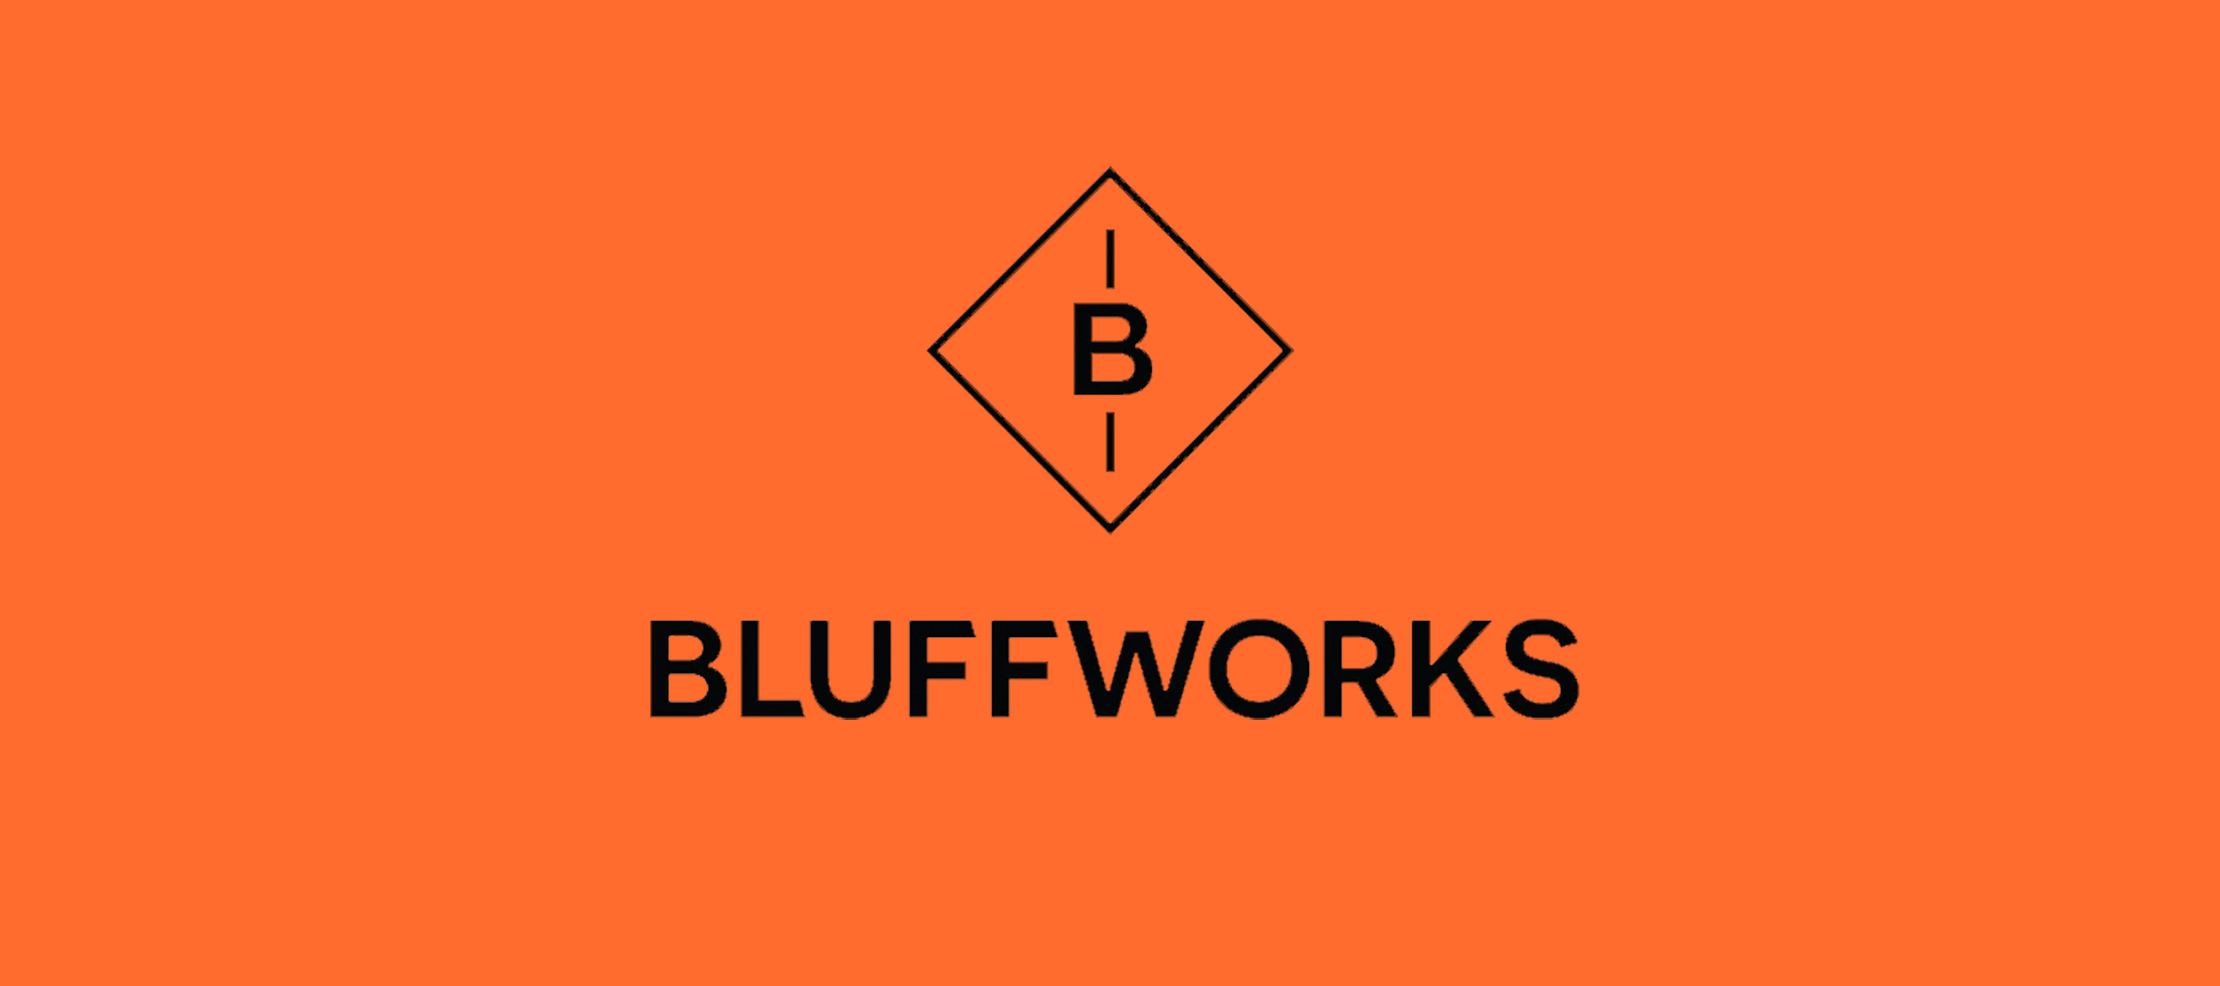 Bluffworks Logo